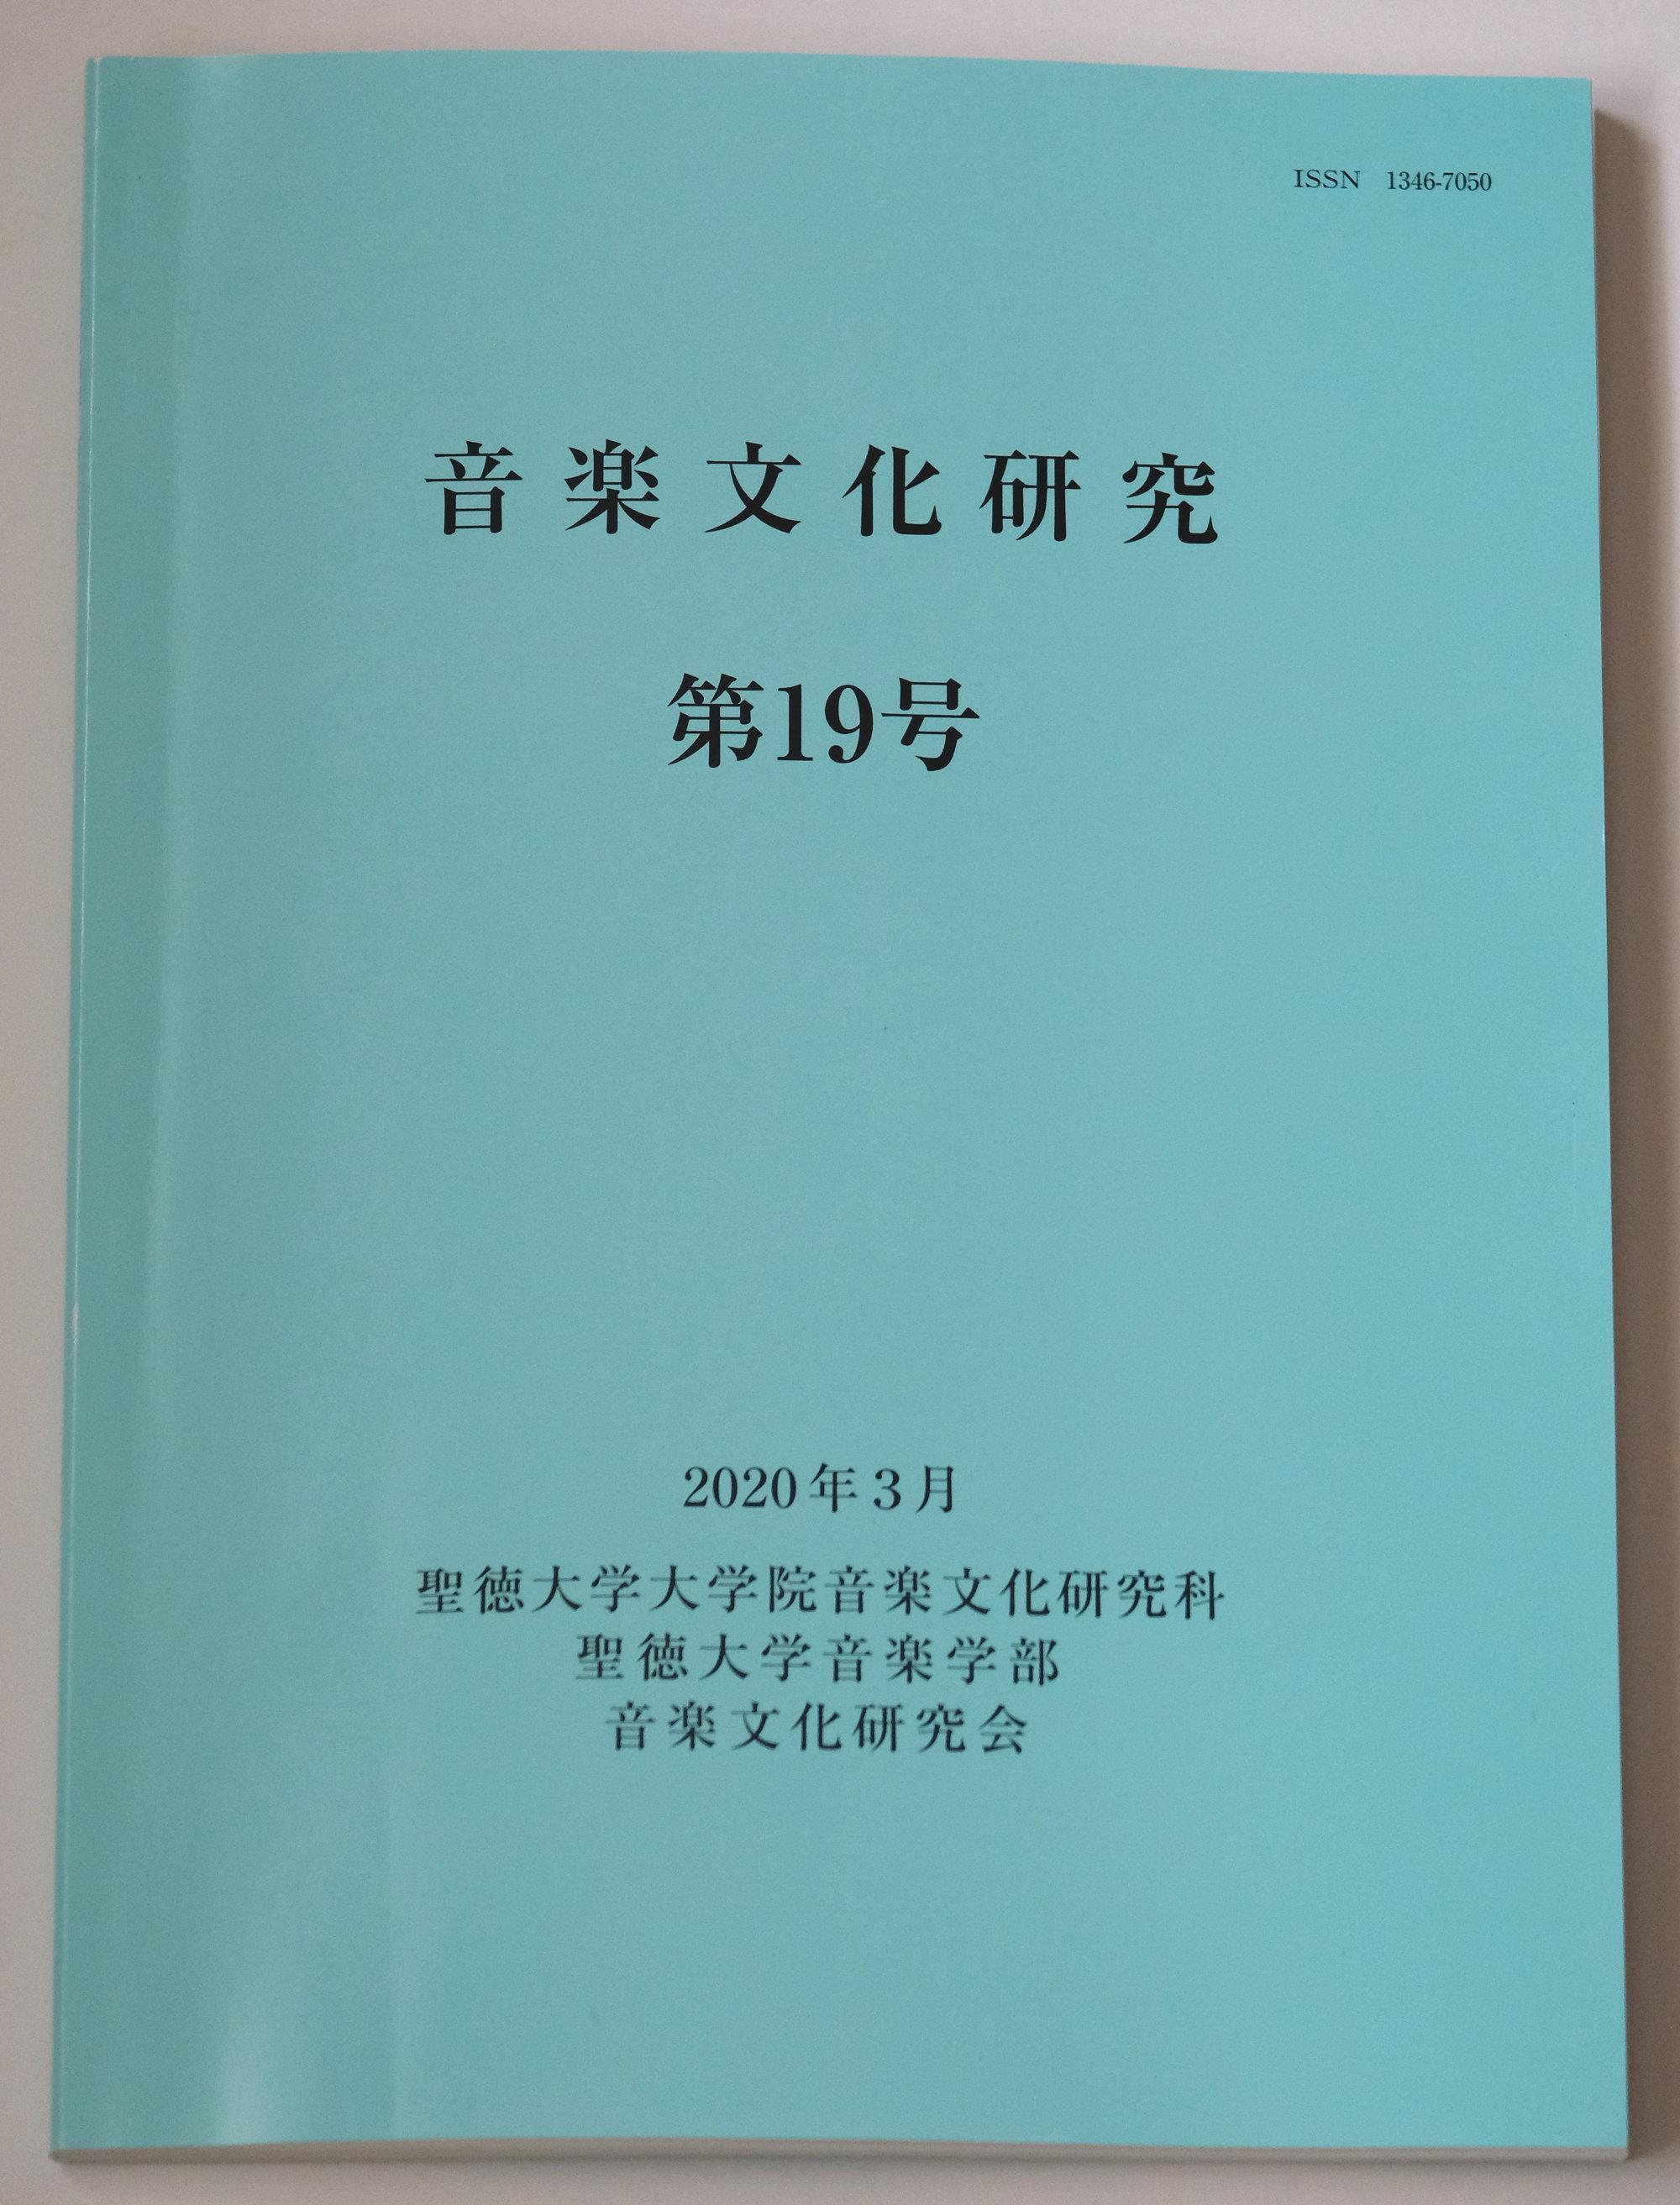 『音楽文化研究』第19号が発行されました